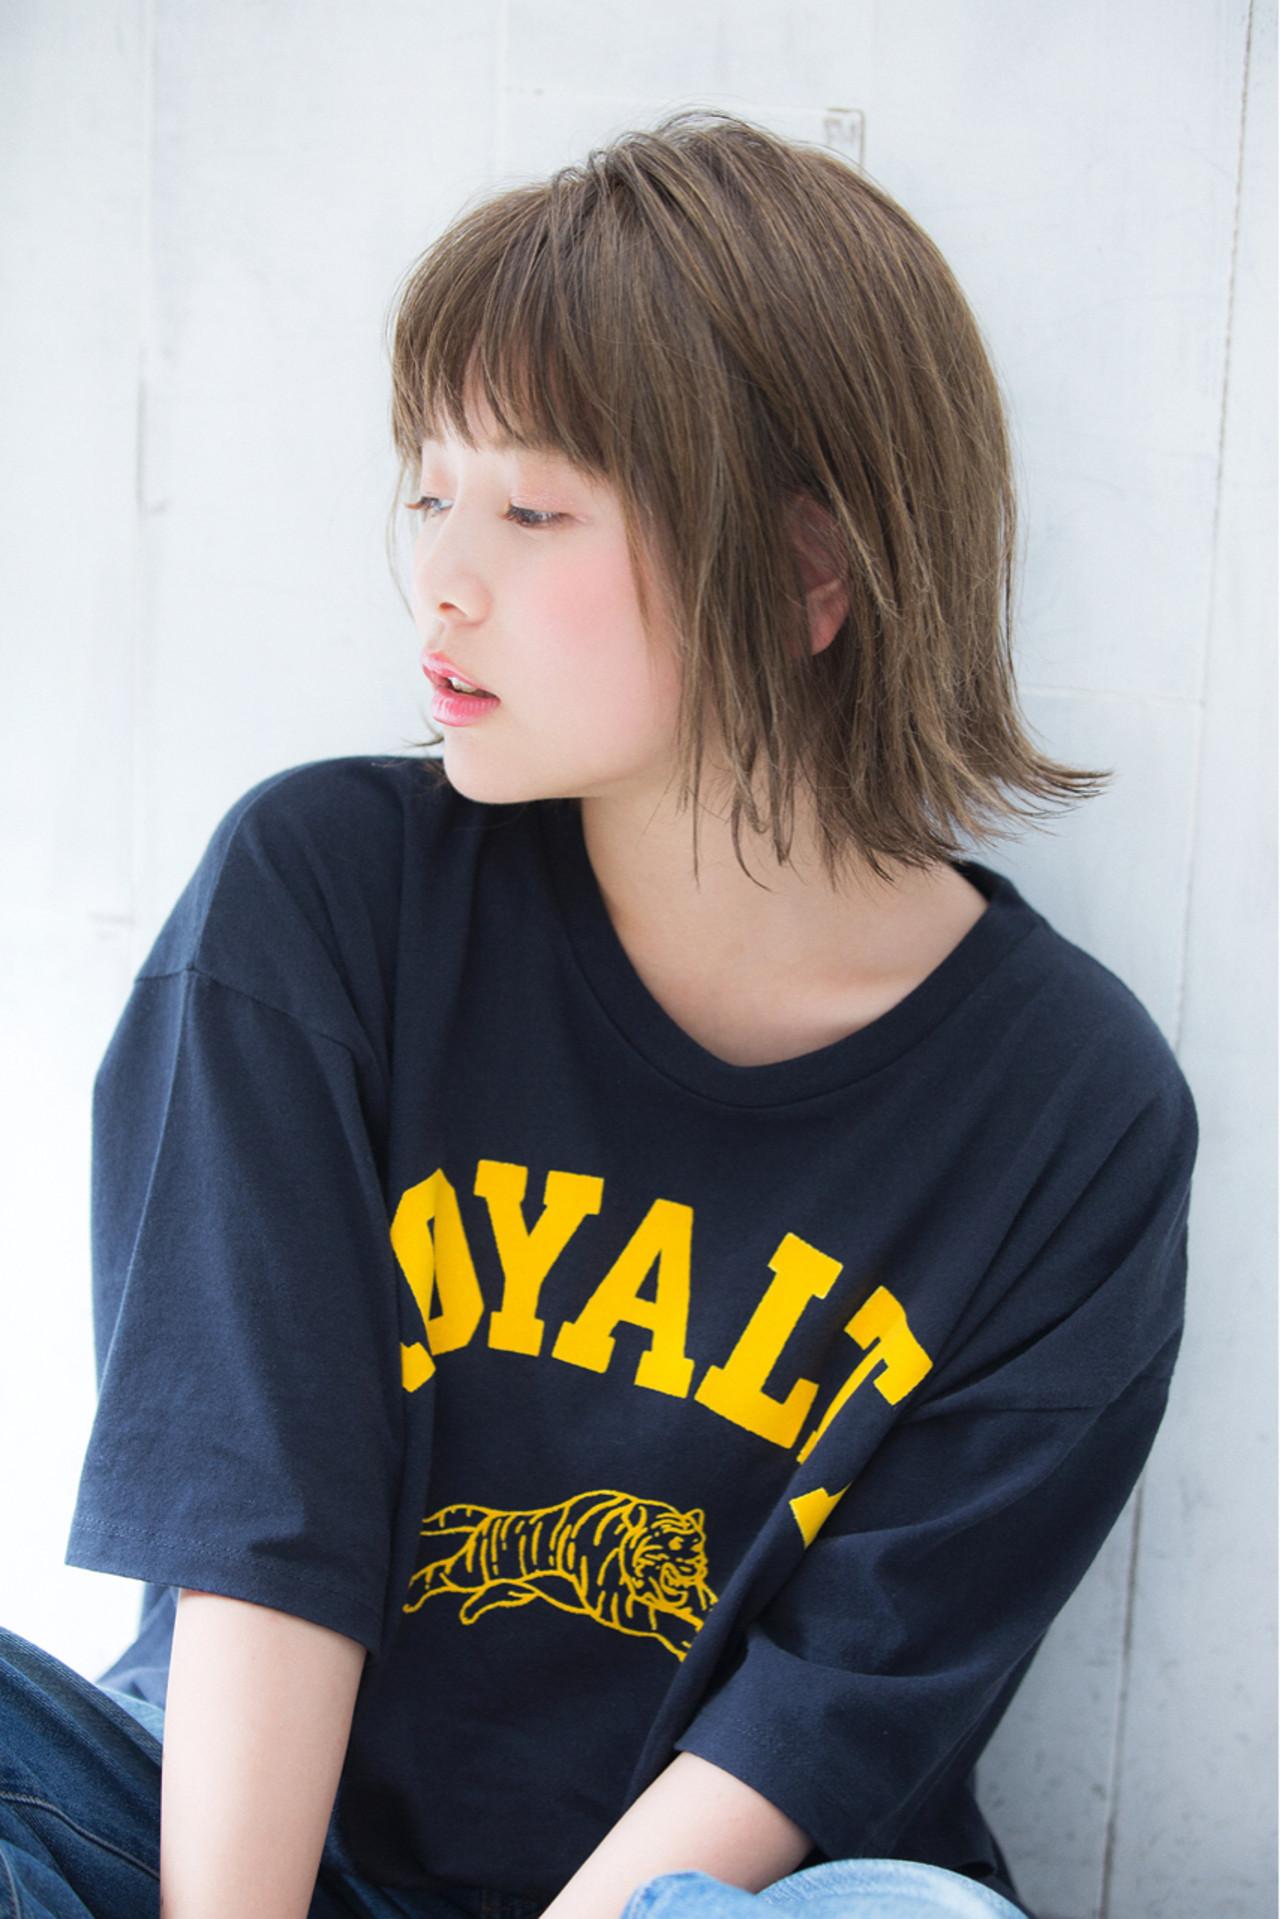 切りっぱなしボブにおすすめの前髪はこれ♡ 岩田 隆太郎